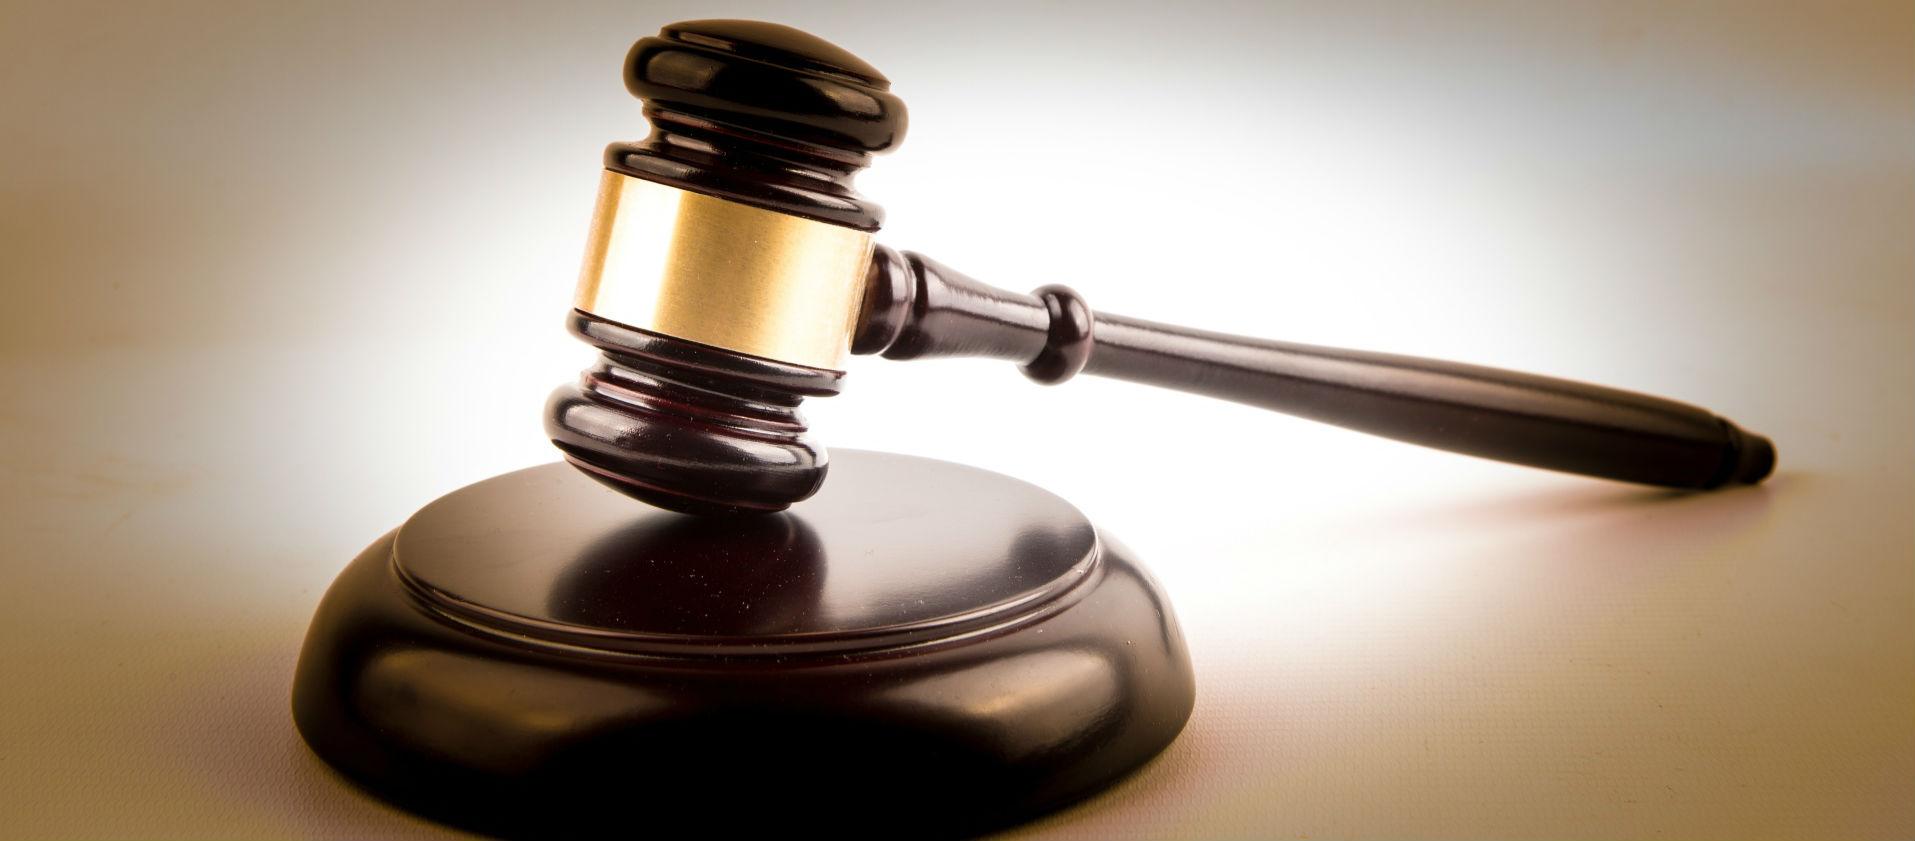 Former TD Ivor Callely Given Suspended Sentence